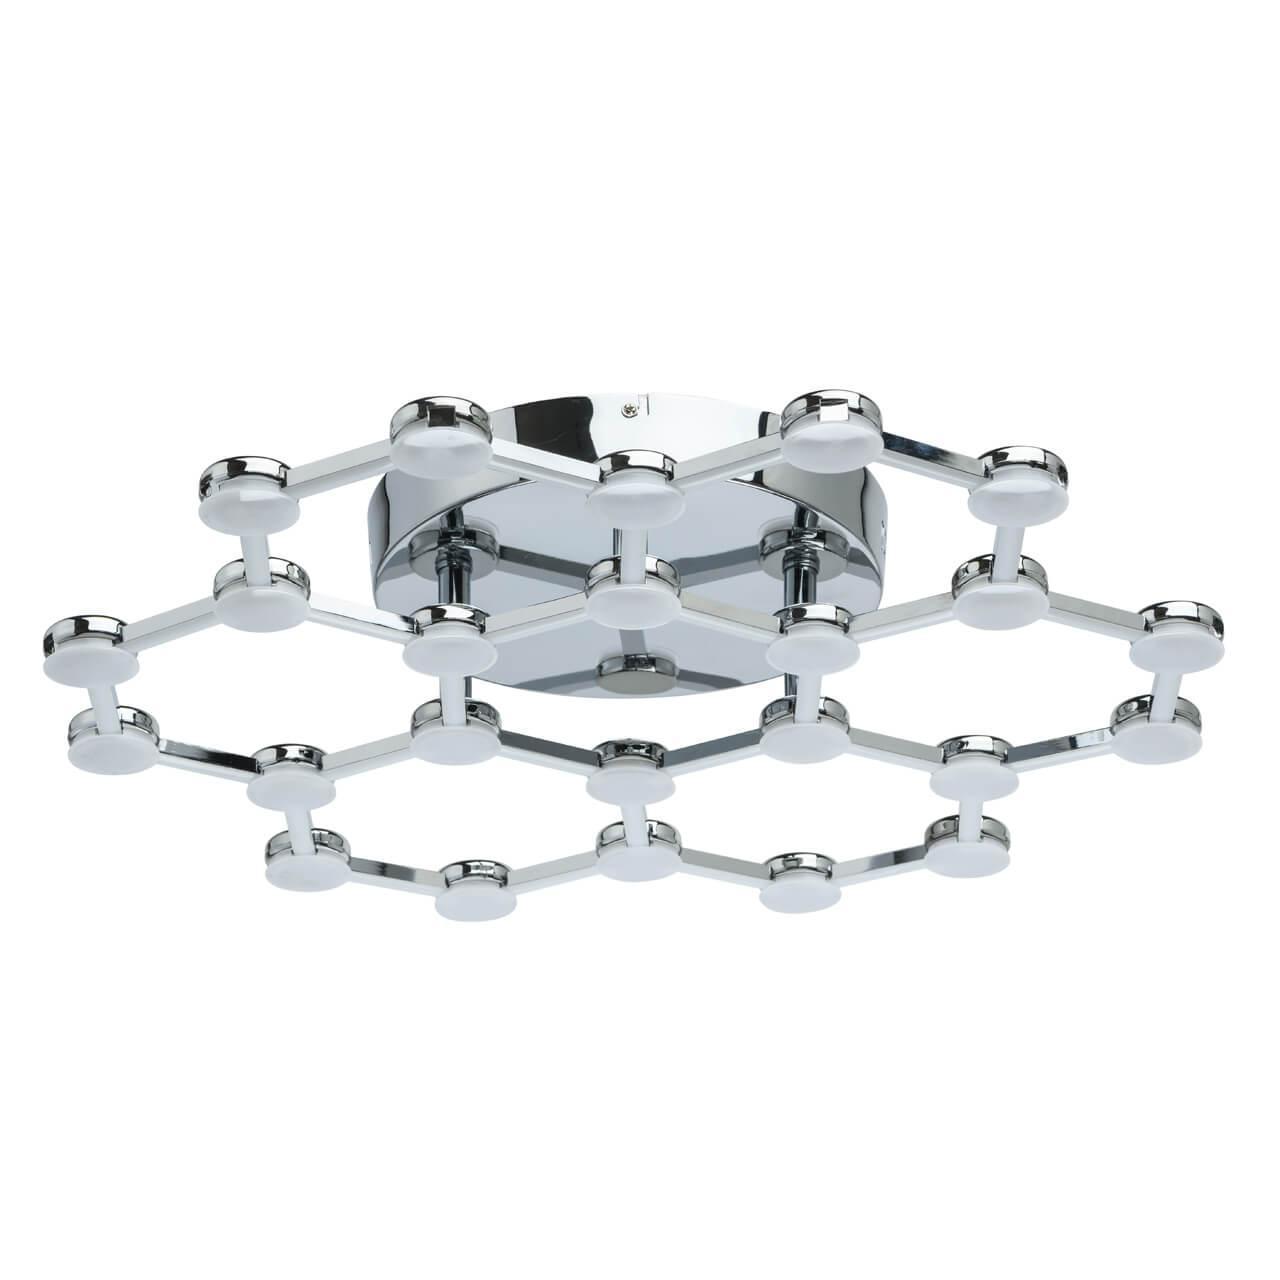 Купить Потолочный светодиодный светильник Regenbogen Life ракурс, inmyroom, Германия